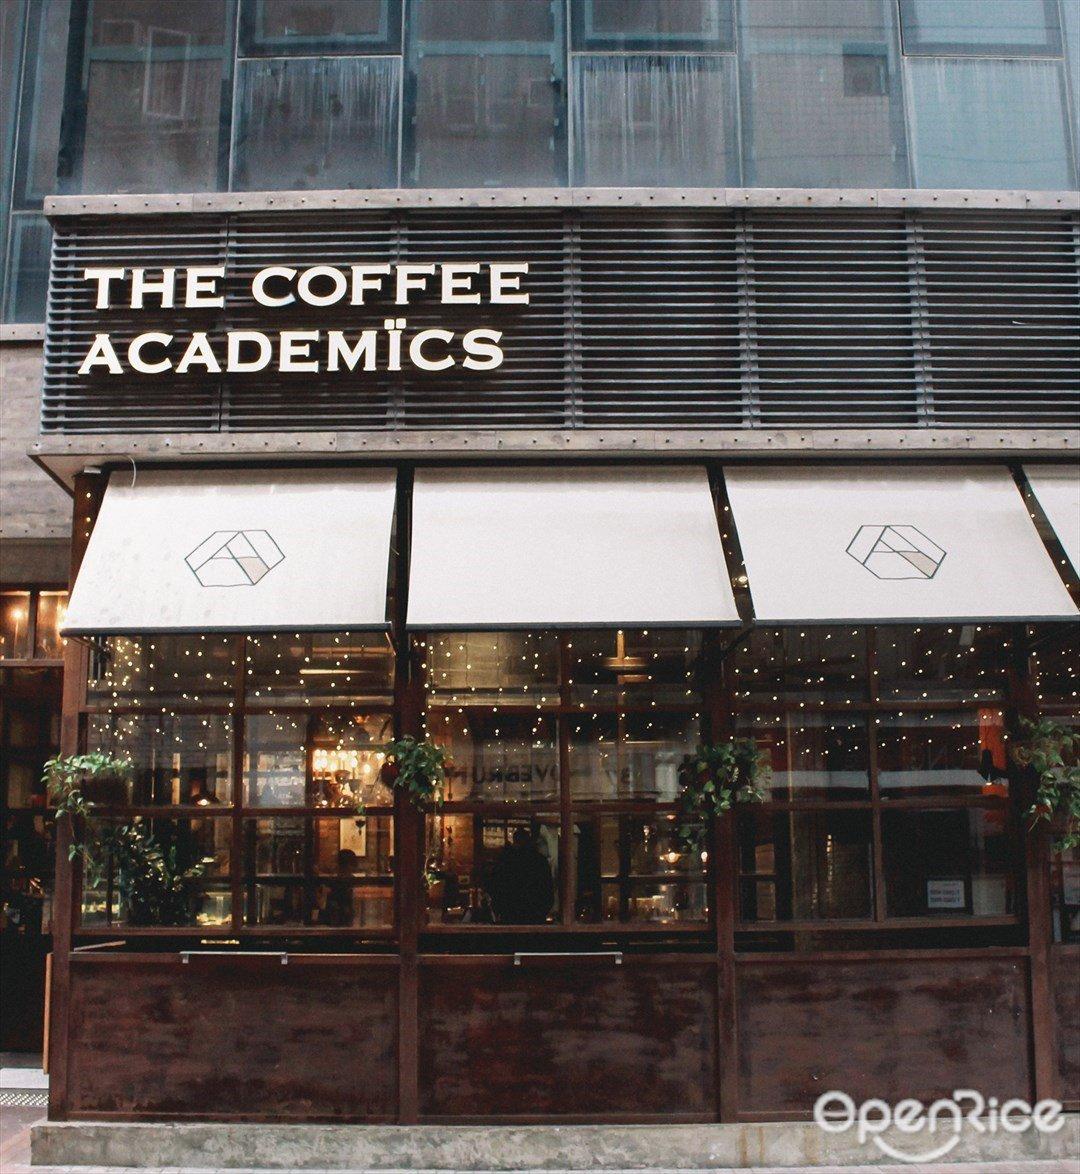 The Coffee Academics S Menu International Coffee Shop Casual Drink In Causeway Bay Hong Kong Openrice Hong Kong